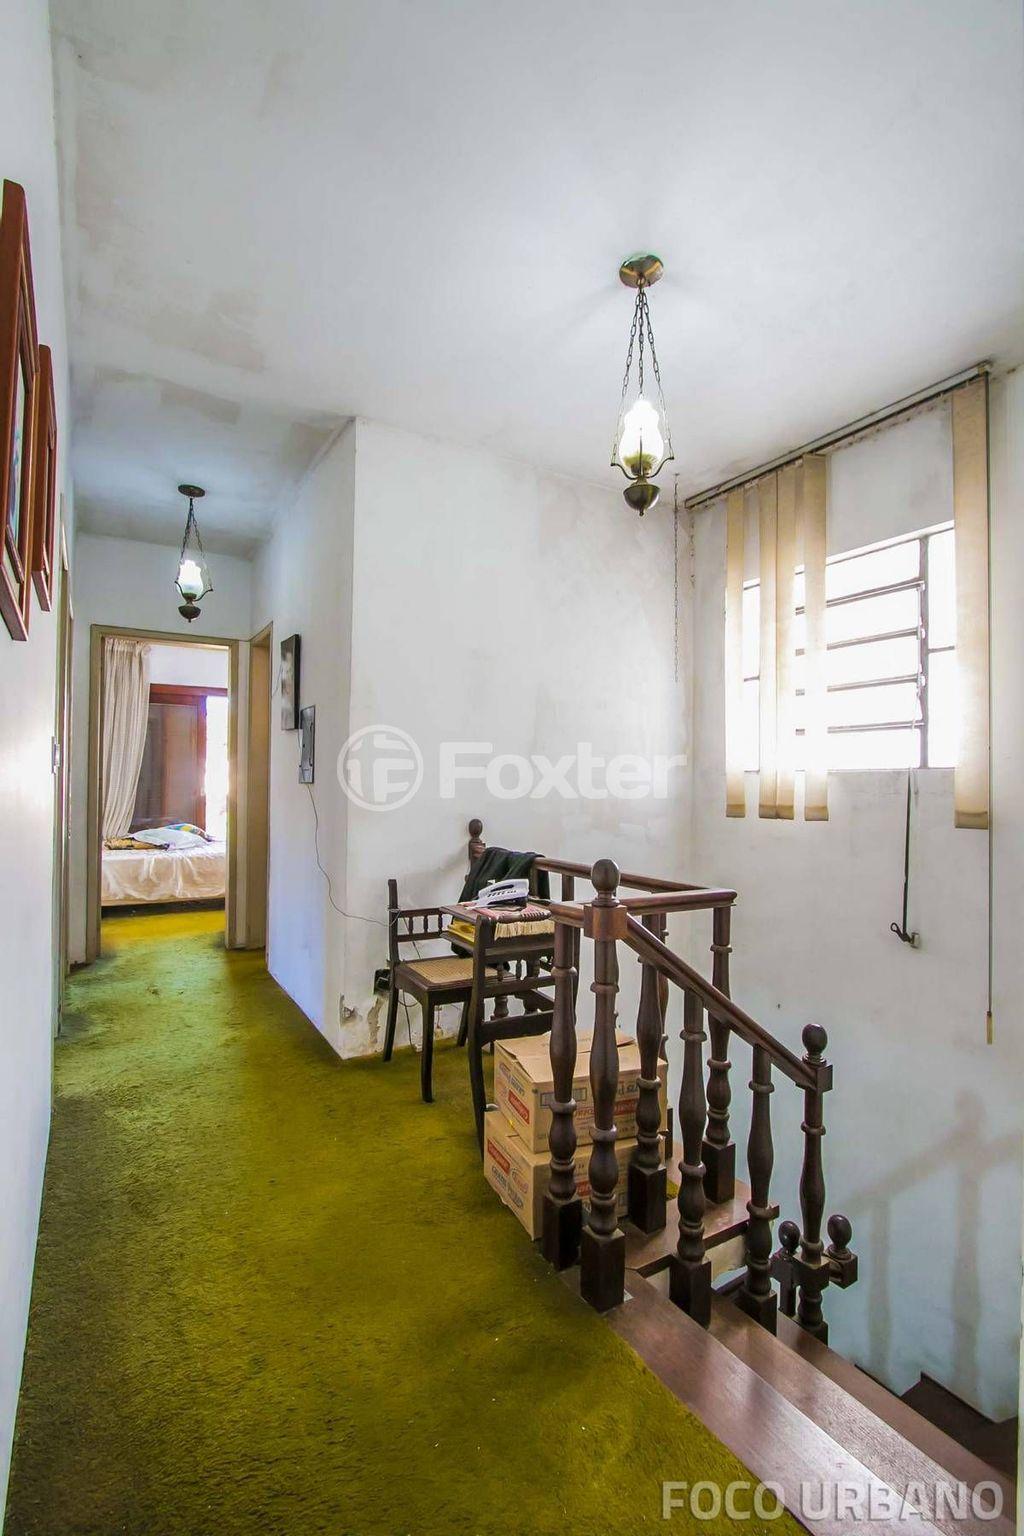 Foxter Imobiliária - Casa 4 Dorm, Jardim Botânico - Foto 11